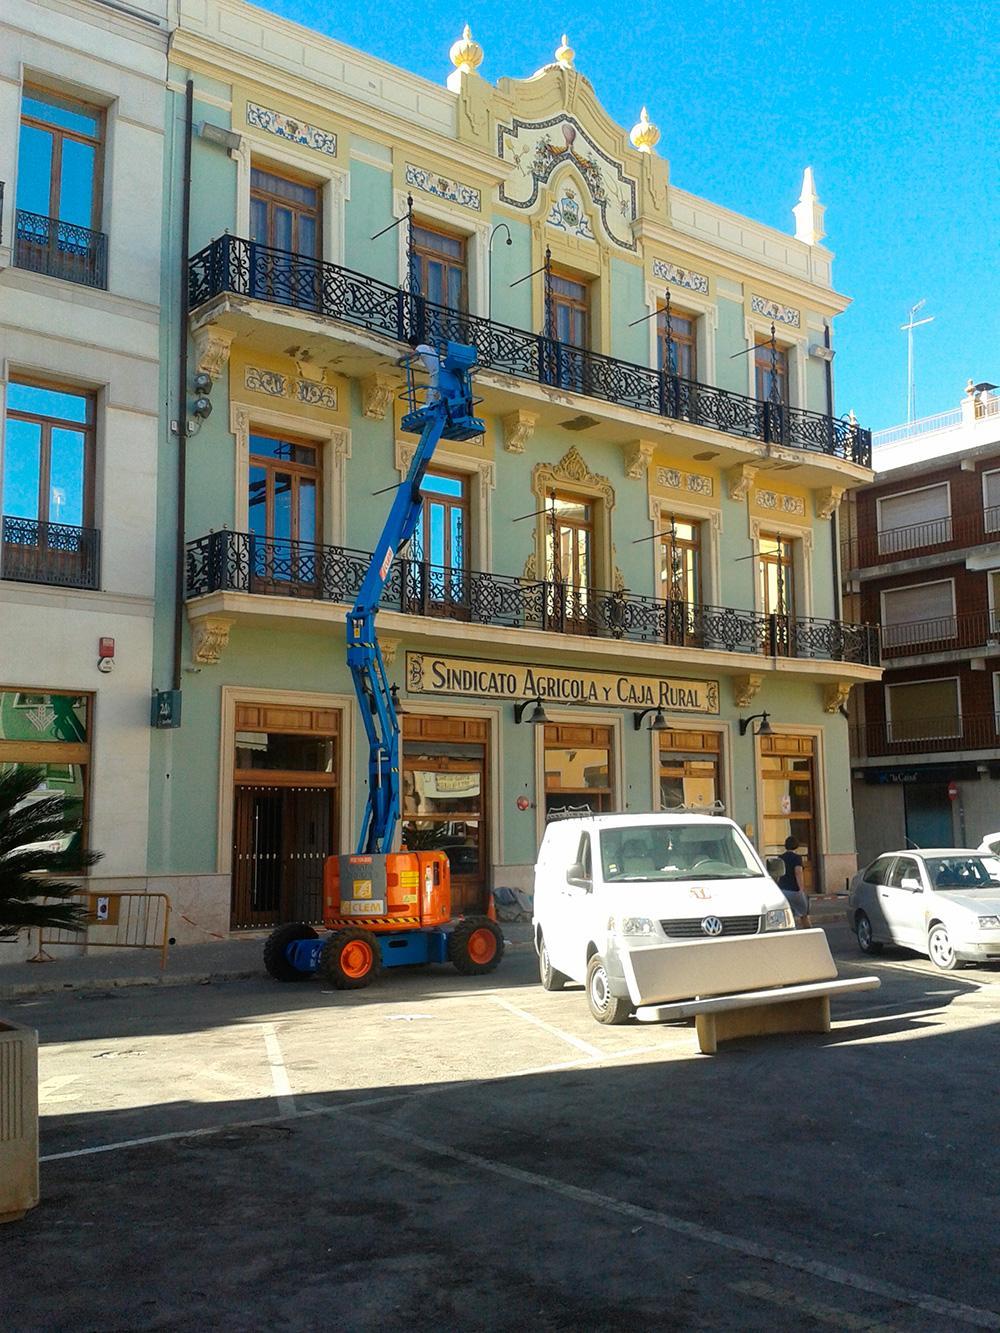 Trabajos de pintura en fachada